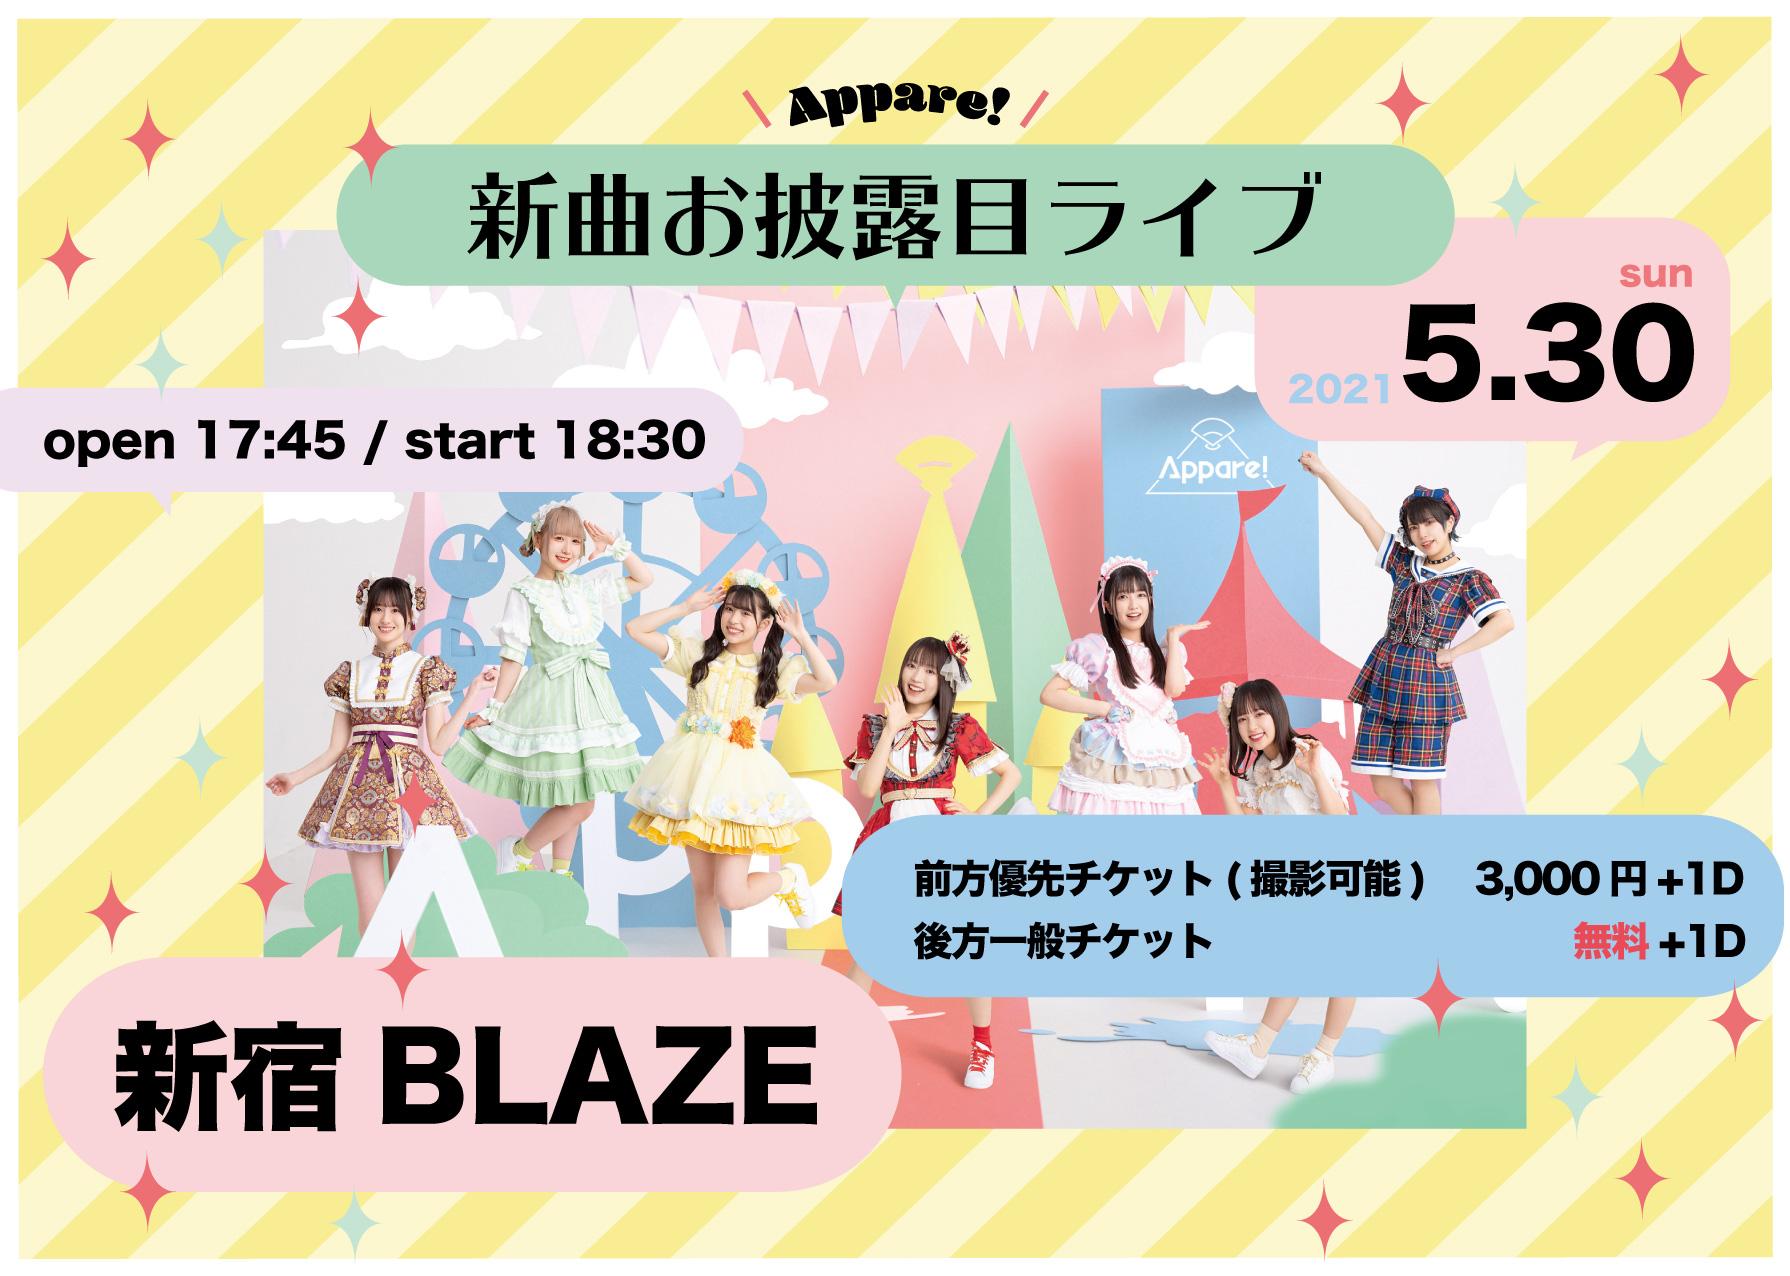 Appare!新曲お披露目ライブ